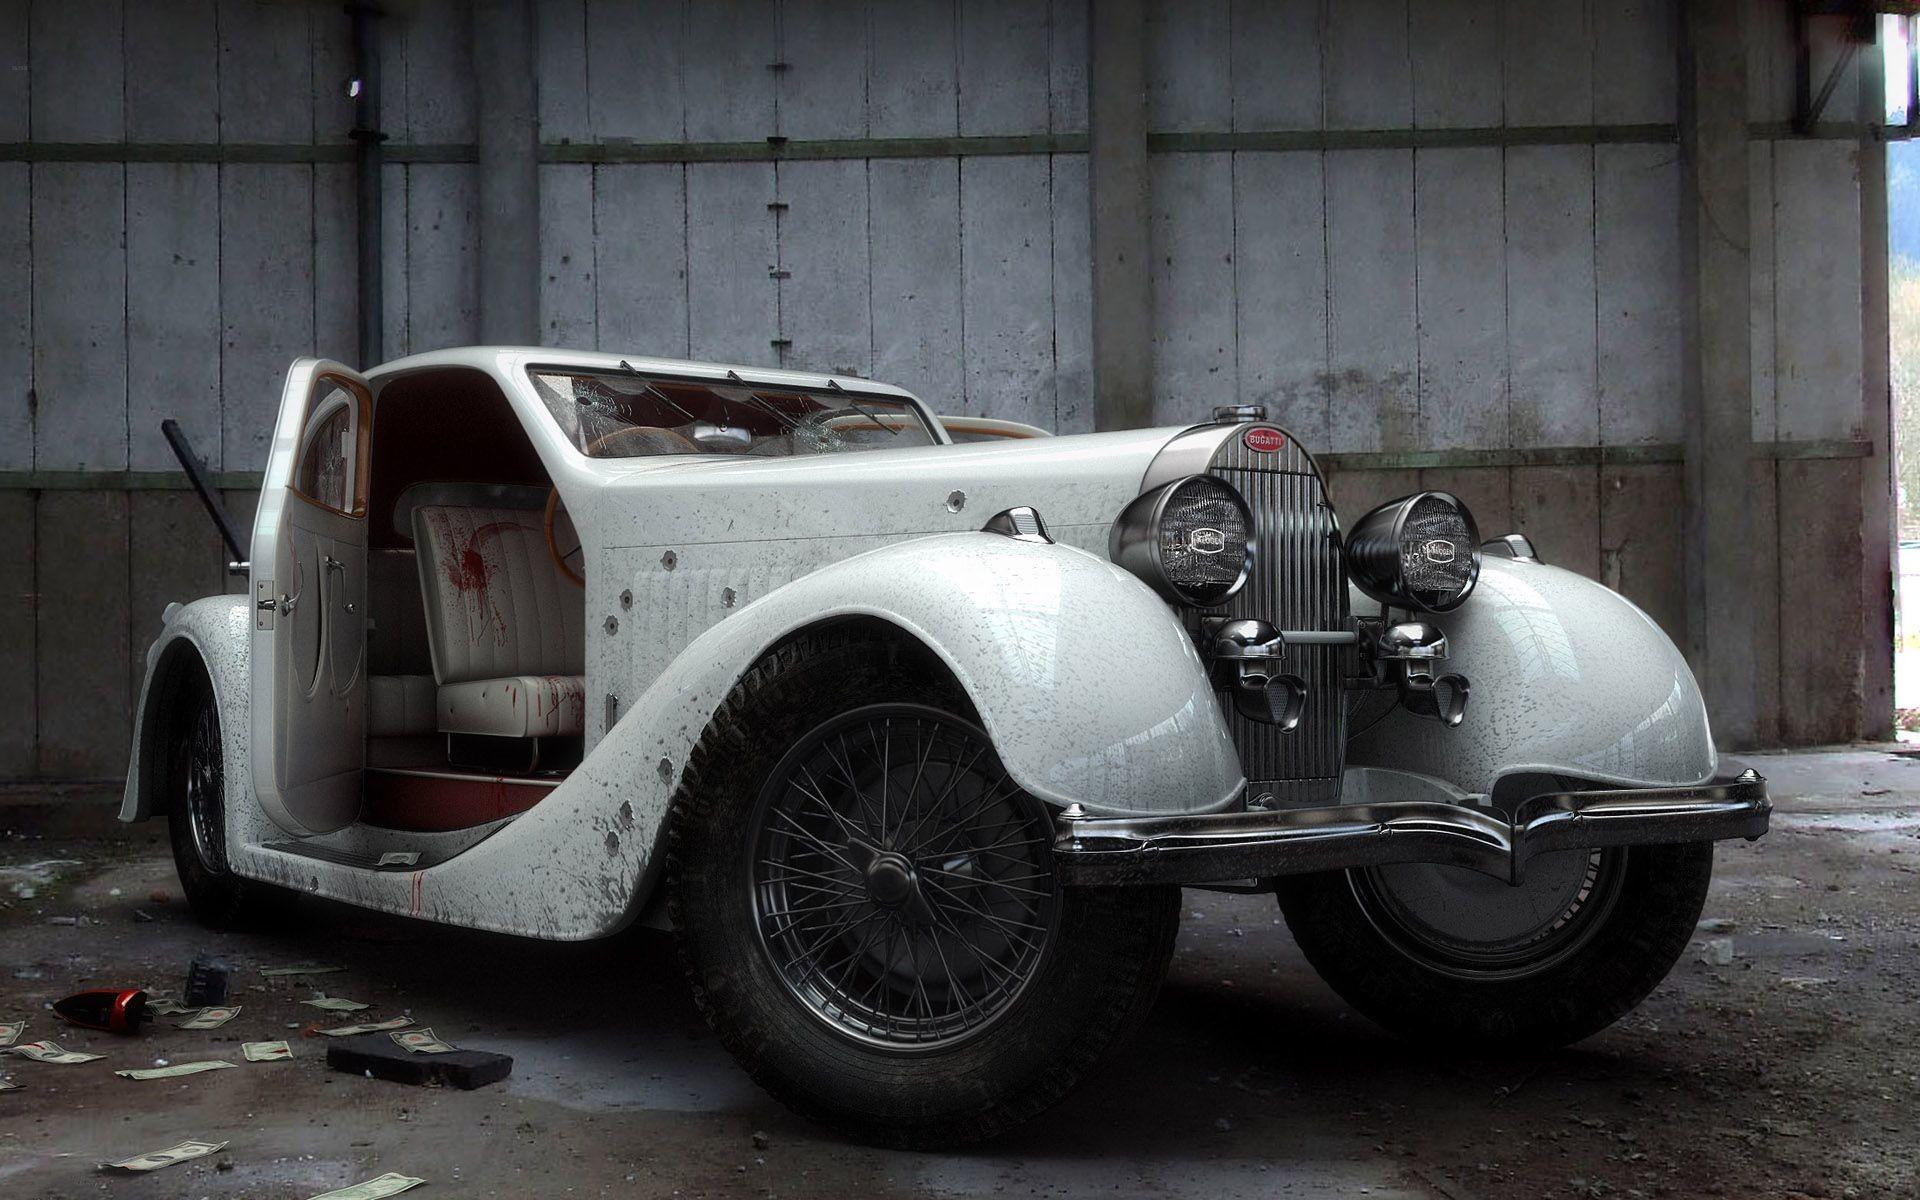 Res: 1920x1200, Old Car wallpaper |  | #48171